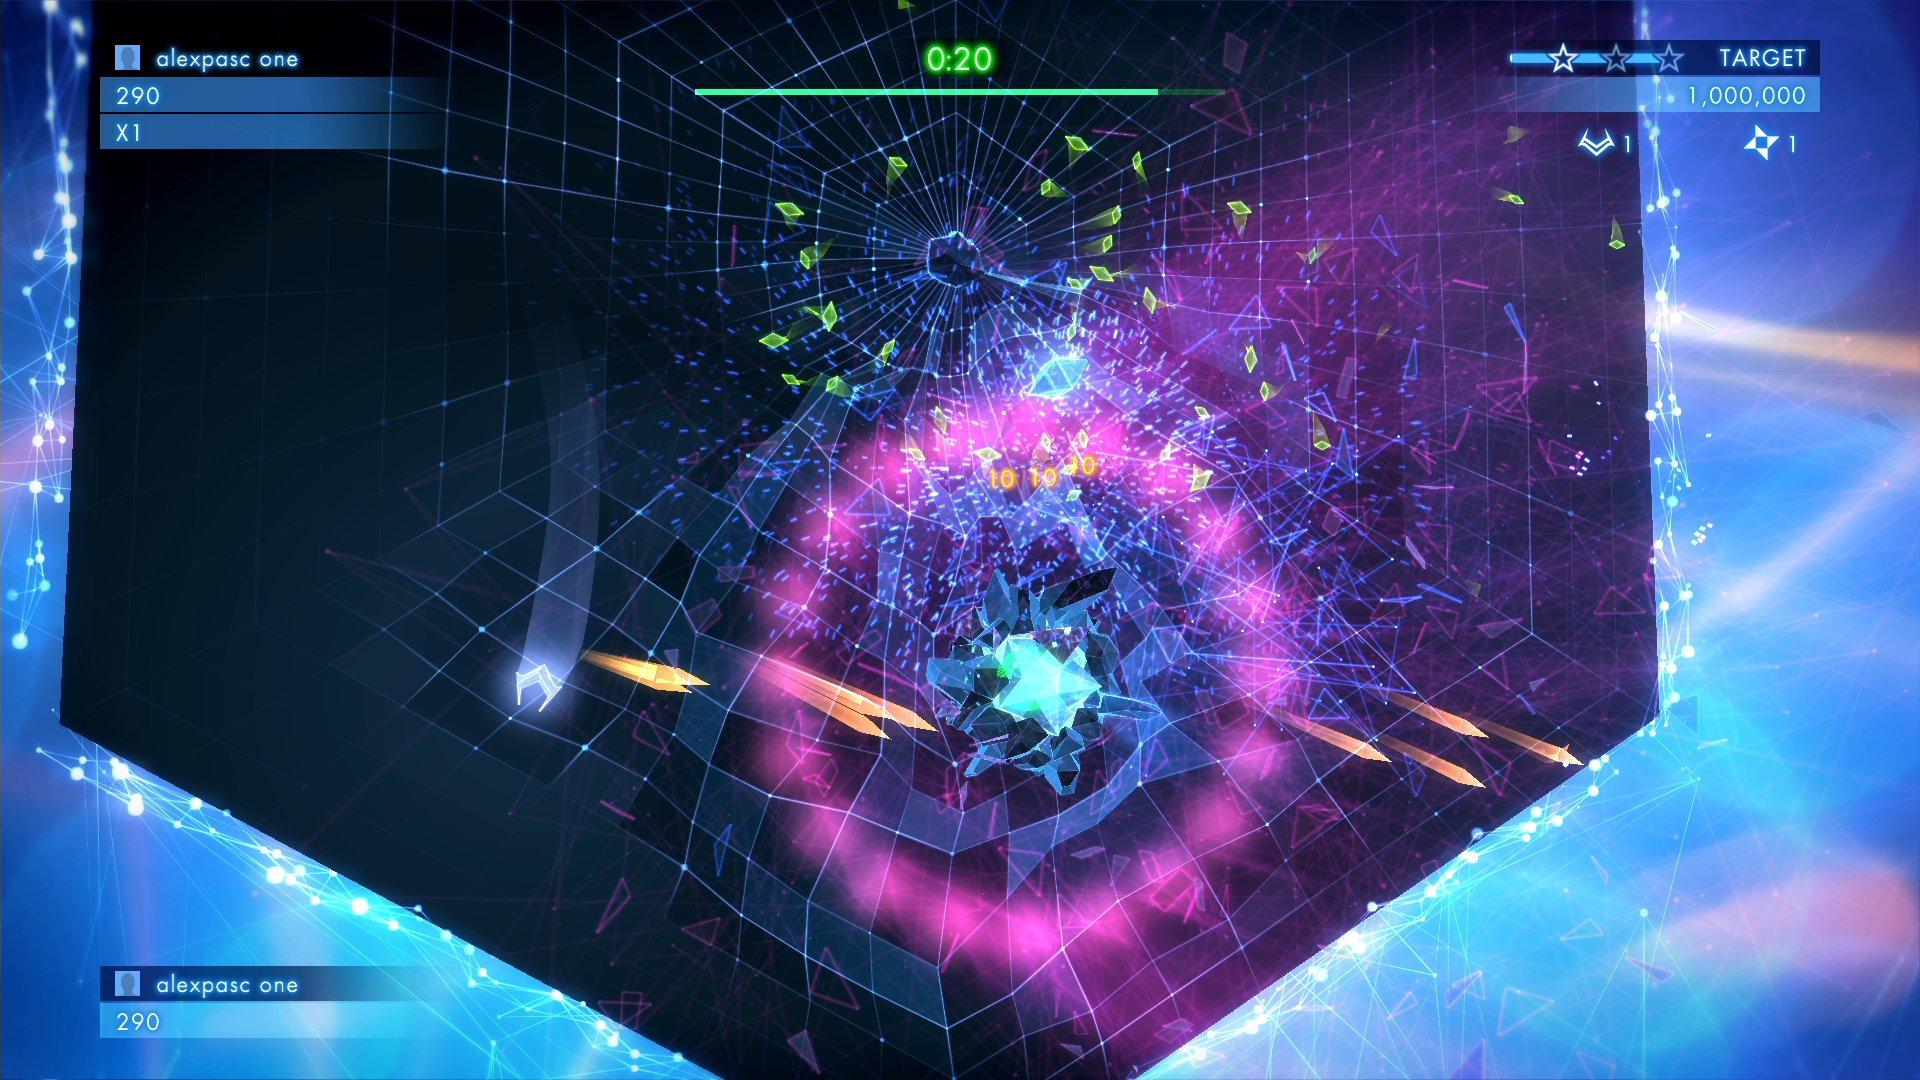 geometry_wars_3_dimensions-2665033.jpg